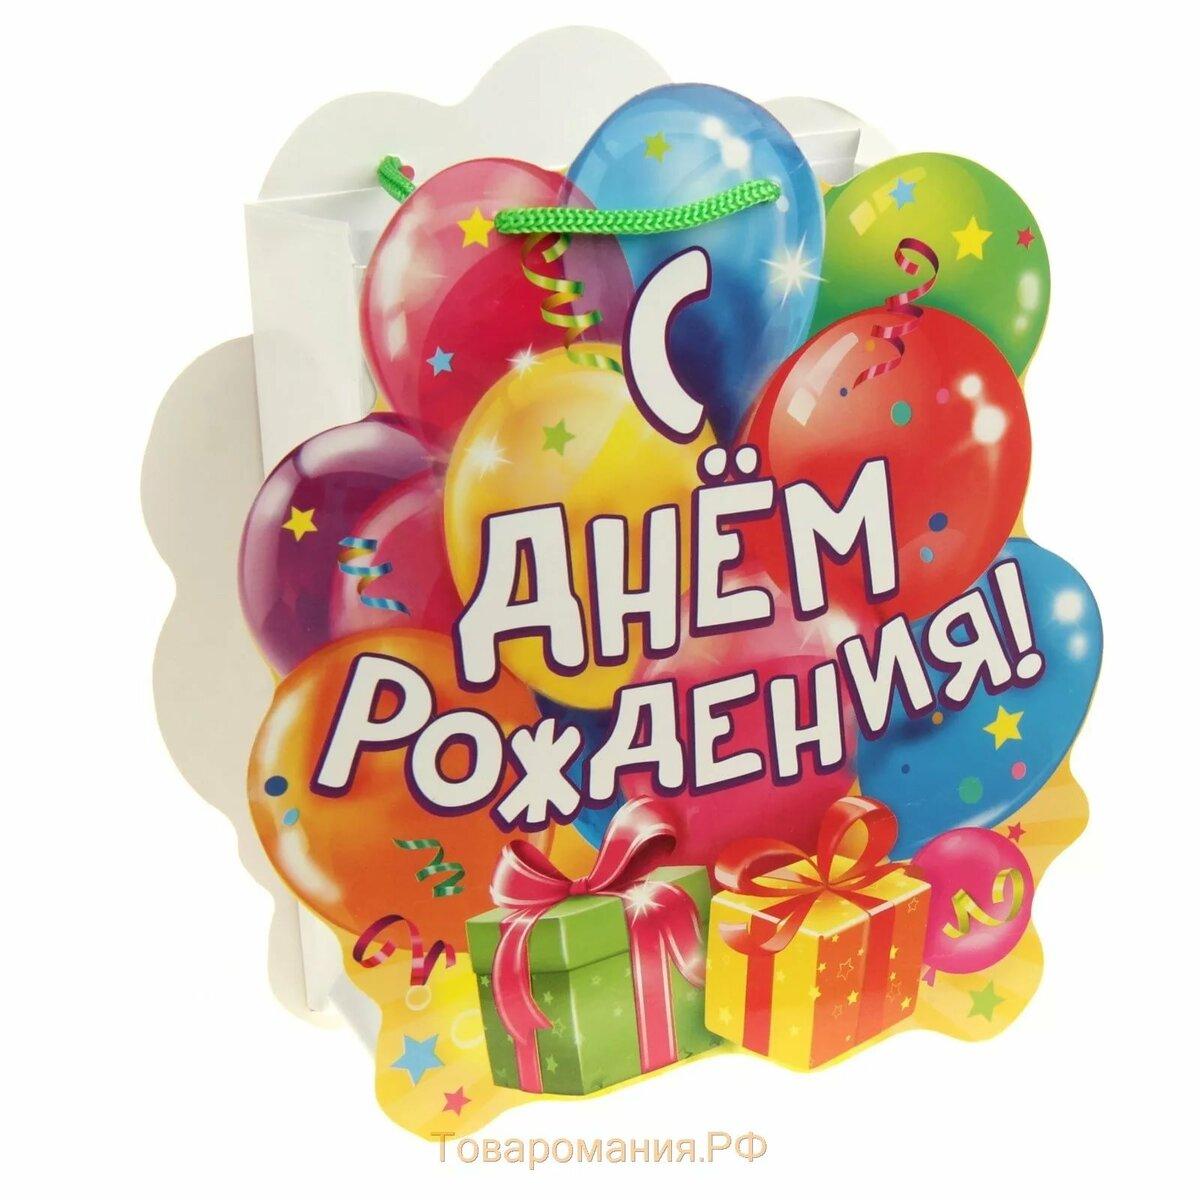 Поздравление с днем рождения шарами фото